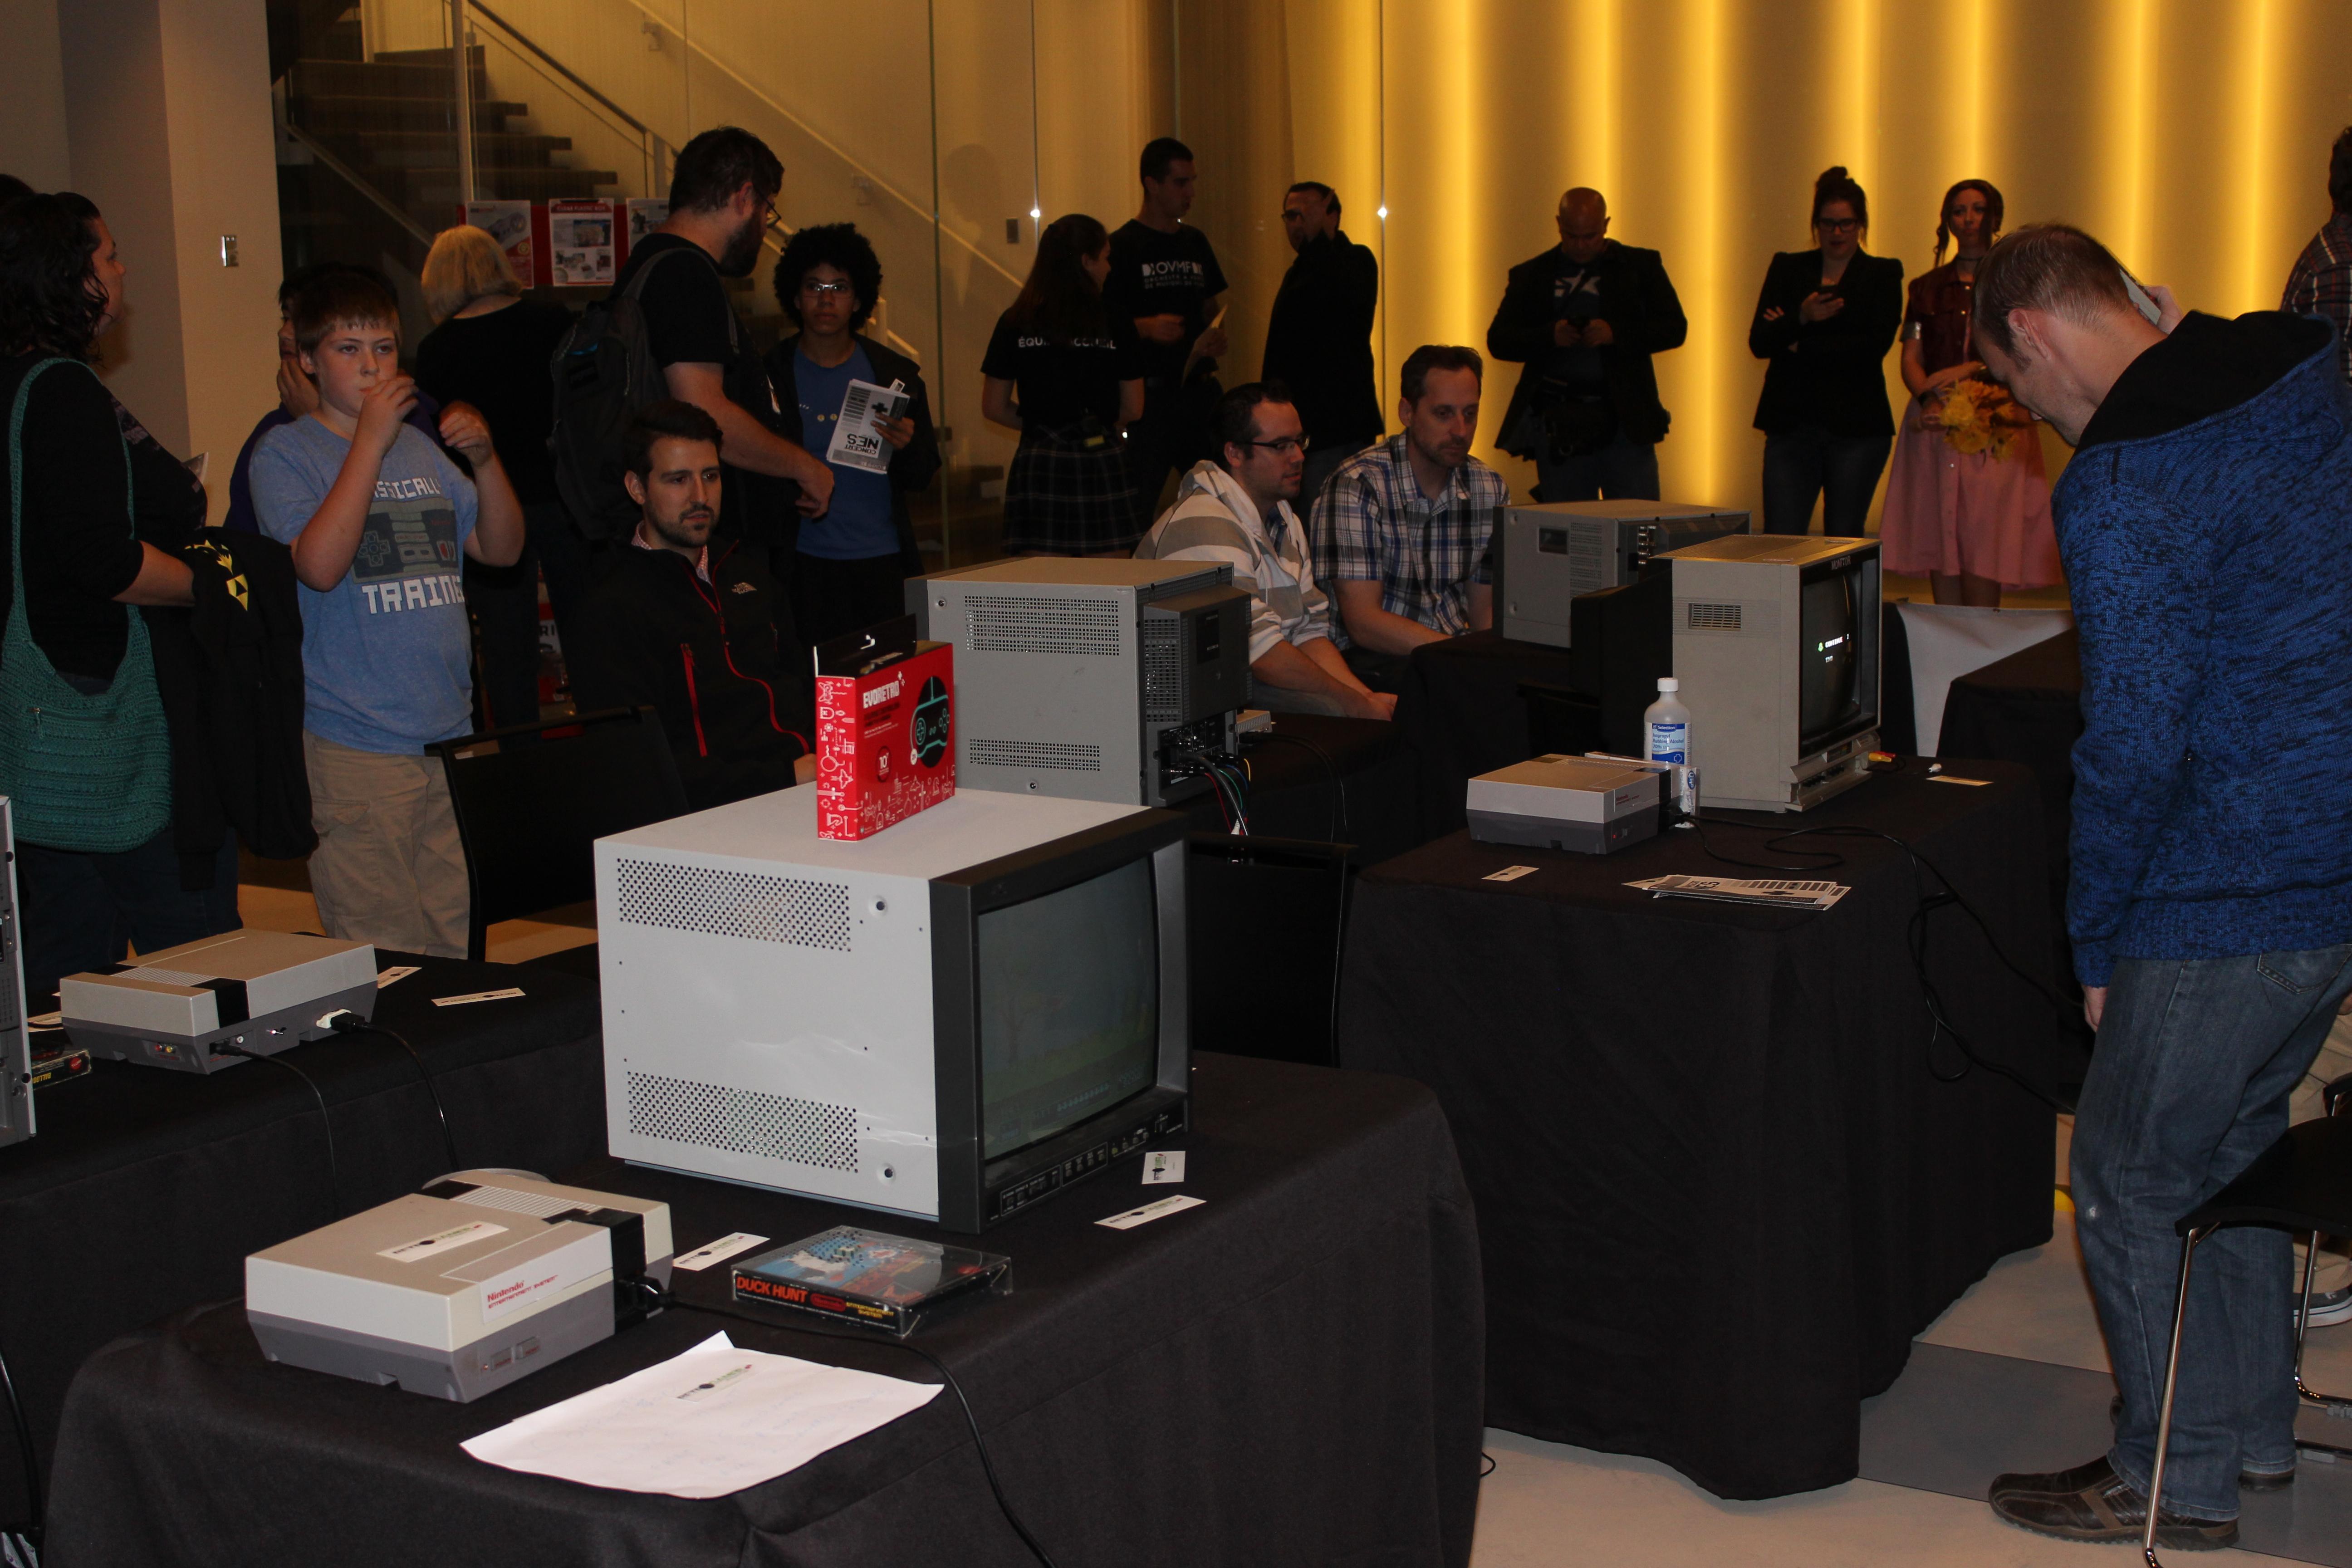 Des classiques comme Super Mario Bros, Duck Hunt et Balloon Fight étaient disponibles à l'essai avant le spectacle